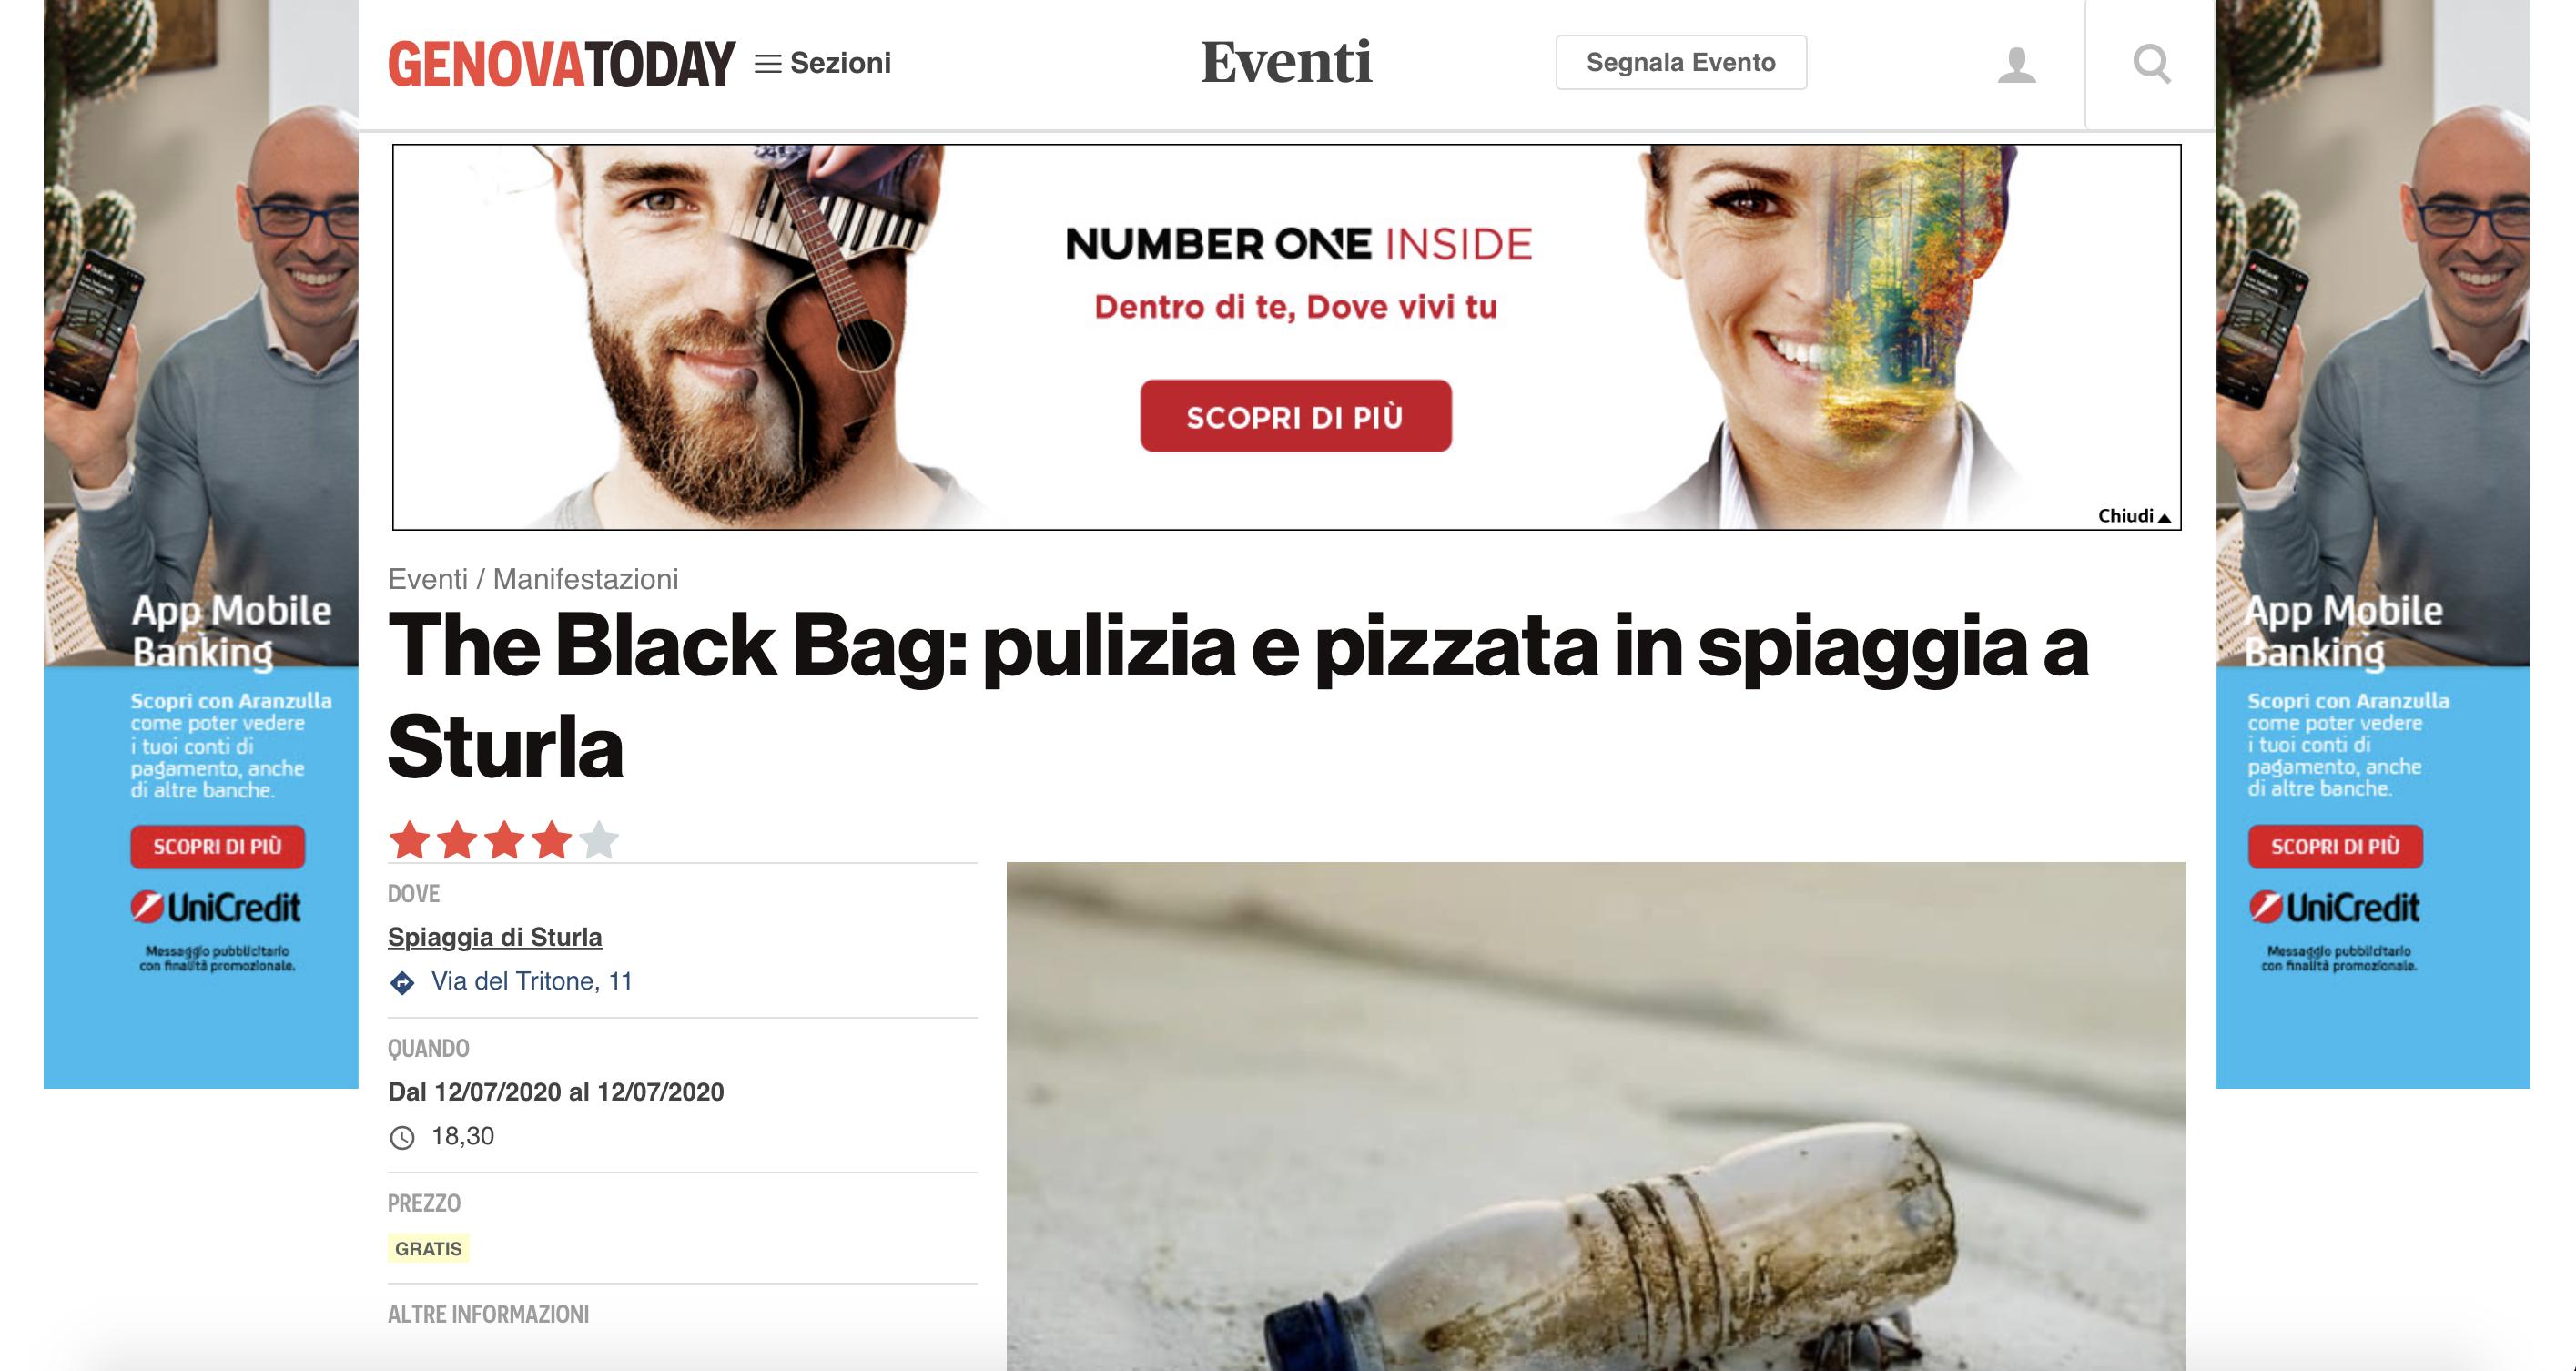 Articolo che racconta di The Black Bag